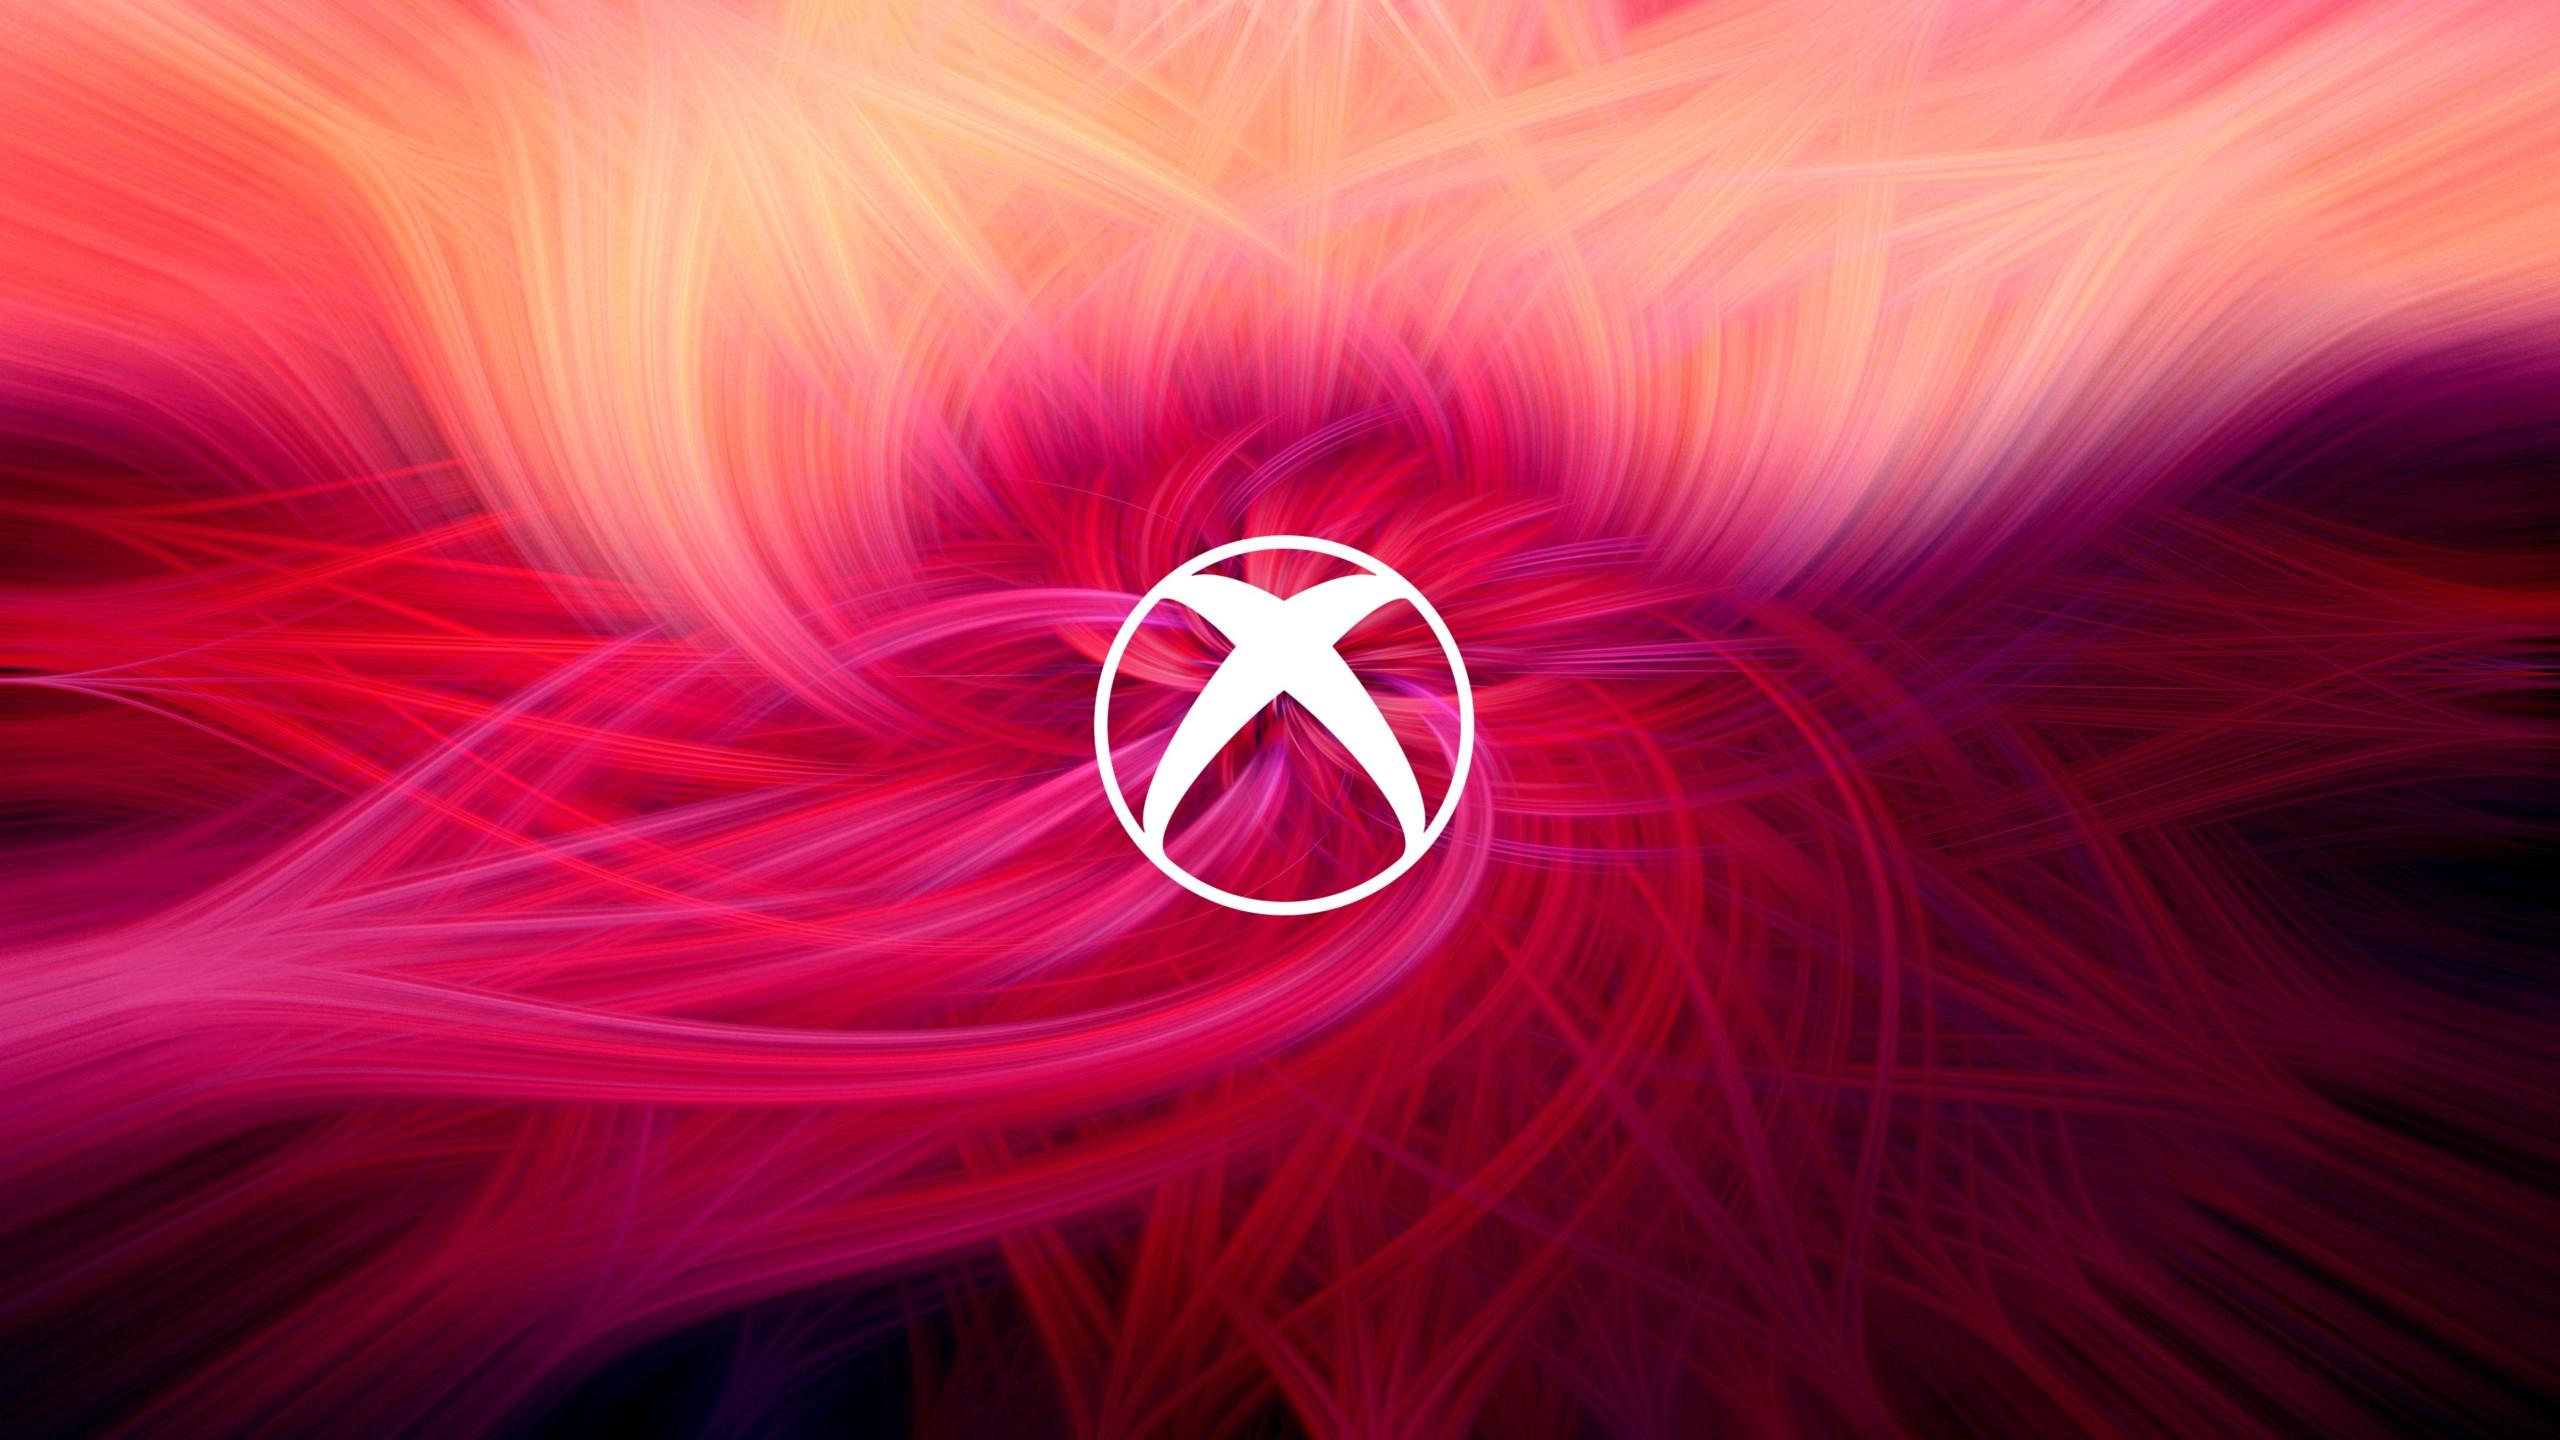 Xbox Live : Microsoft fait disparaitre toute mention de son contrat de services